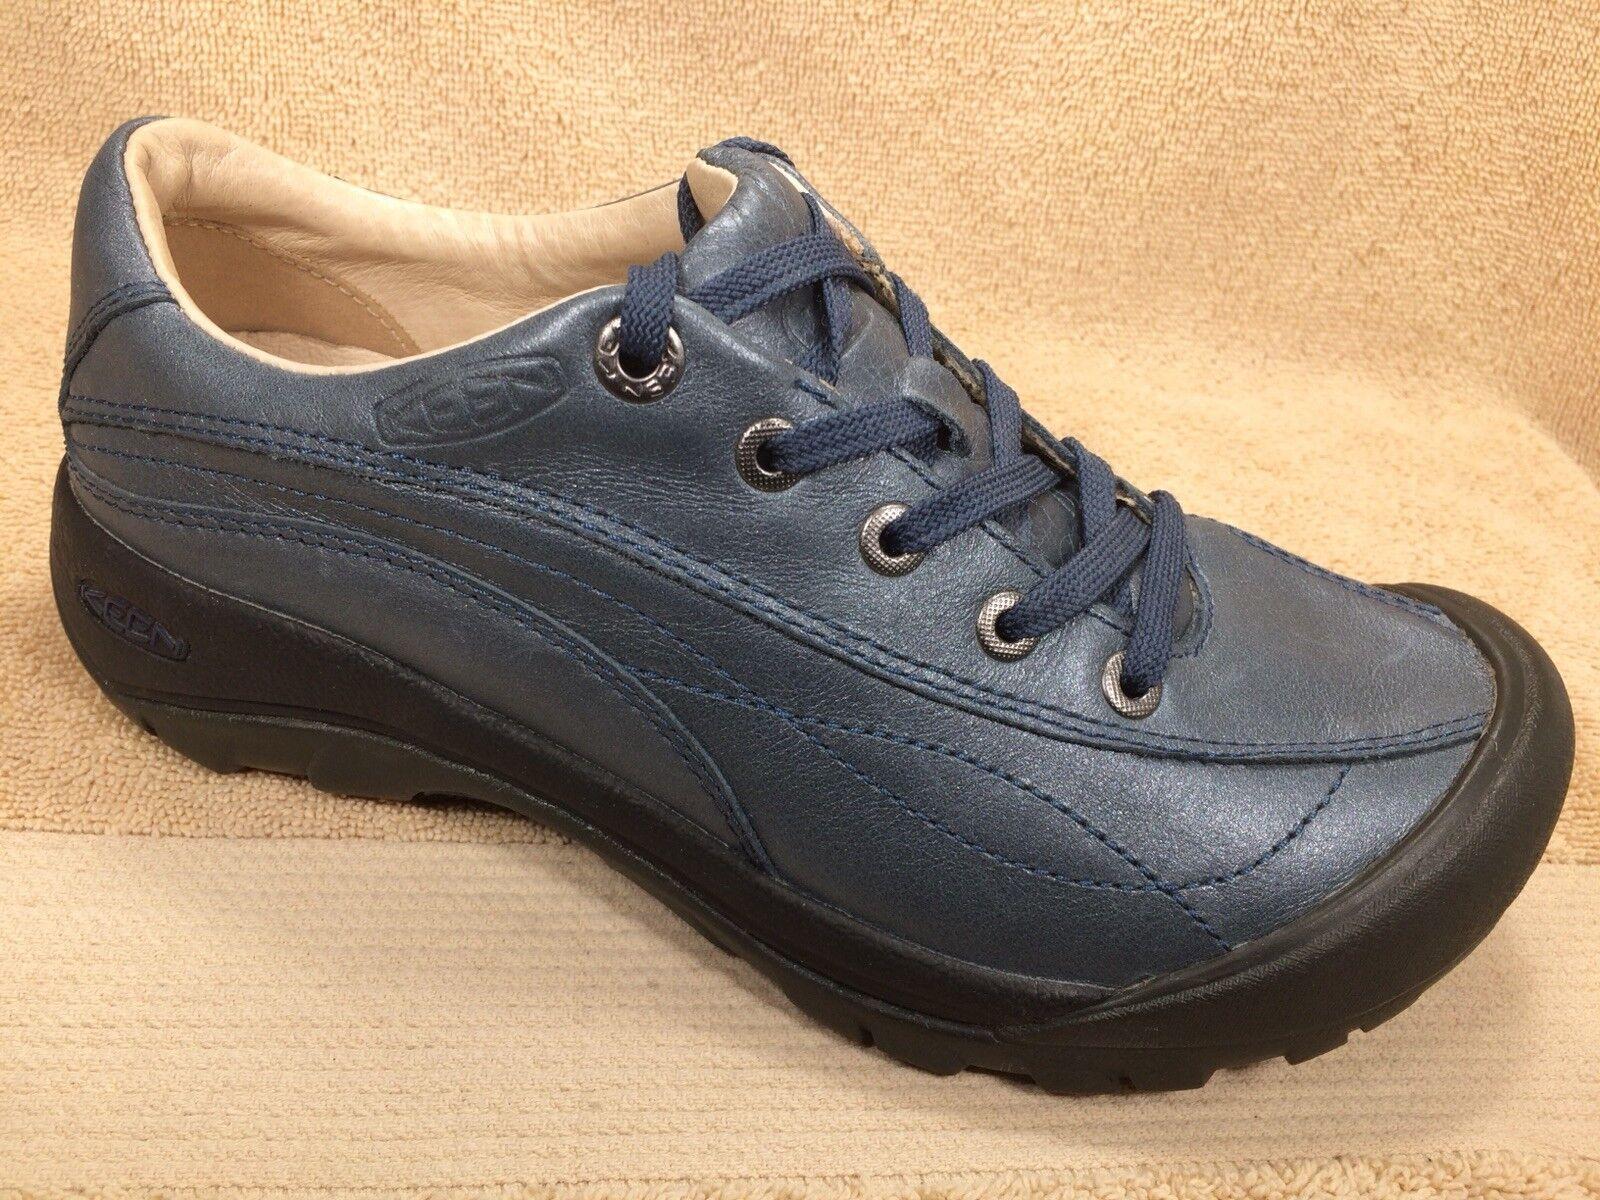 Keen Toyah Con Cordones Oxford Cuero Zapatos para para para Caminar Para mujeres EE. UU. 6 Medianoche Azul Marino  Seleccione de las marcas más nuevas como